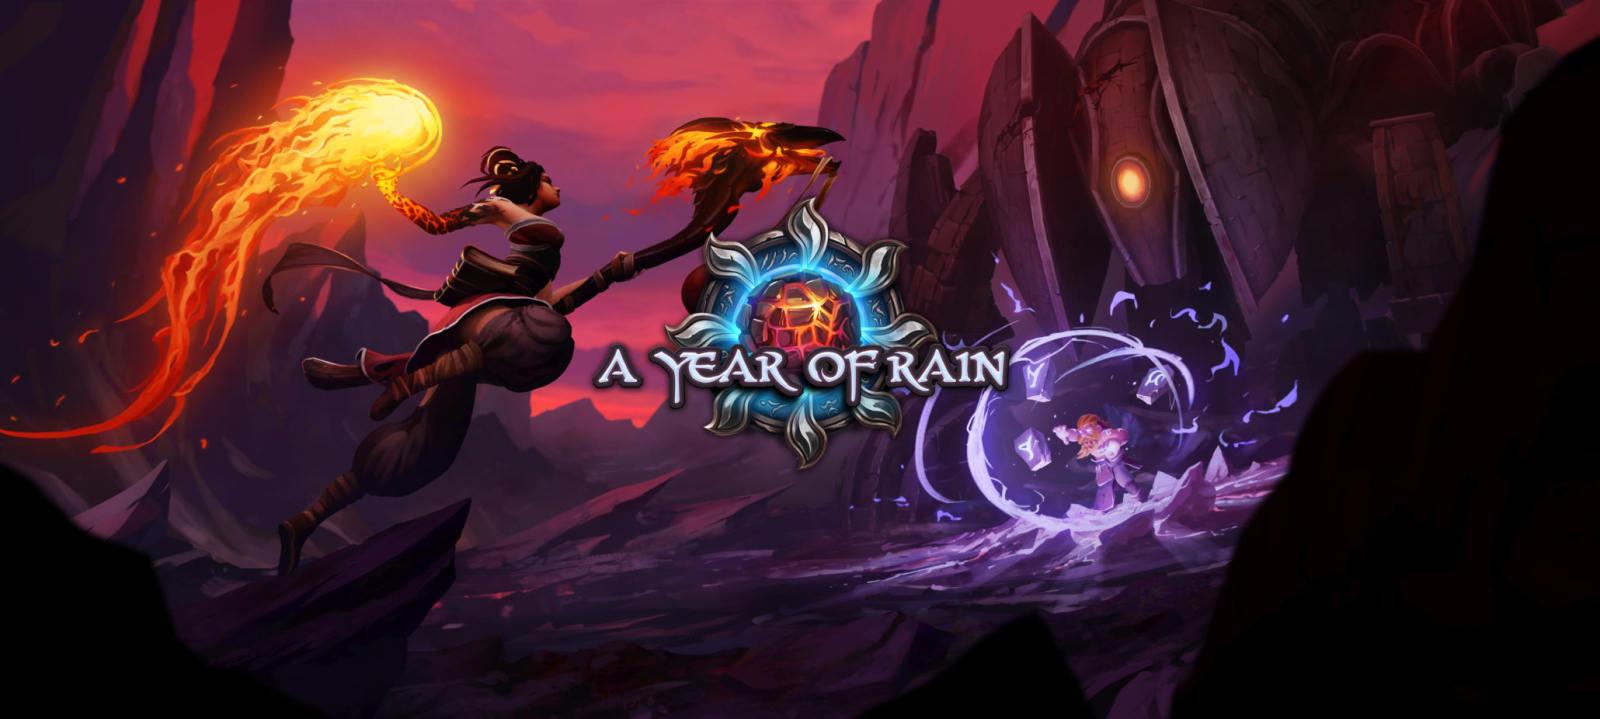 RTS游戏《A YEAR OF RAIN》将于11月6日在steam开启抢先体验